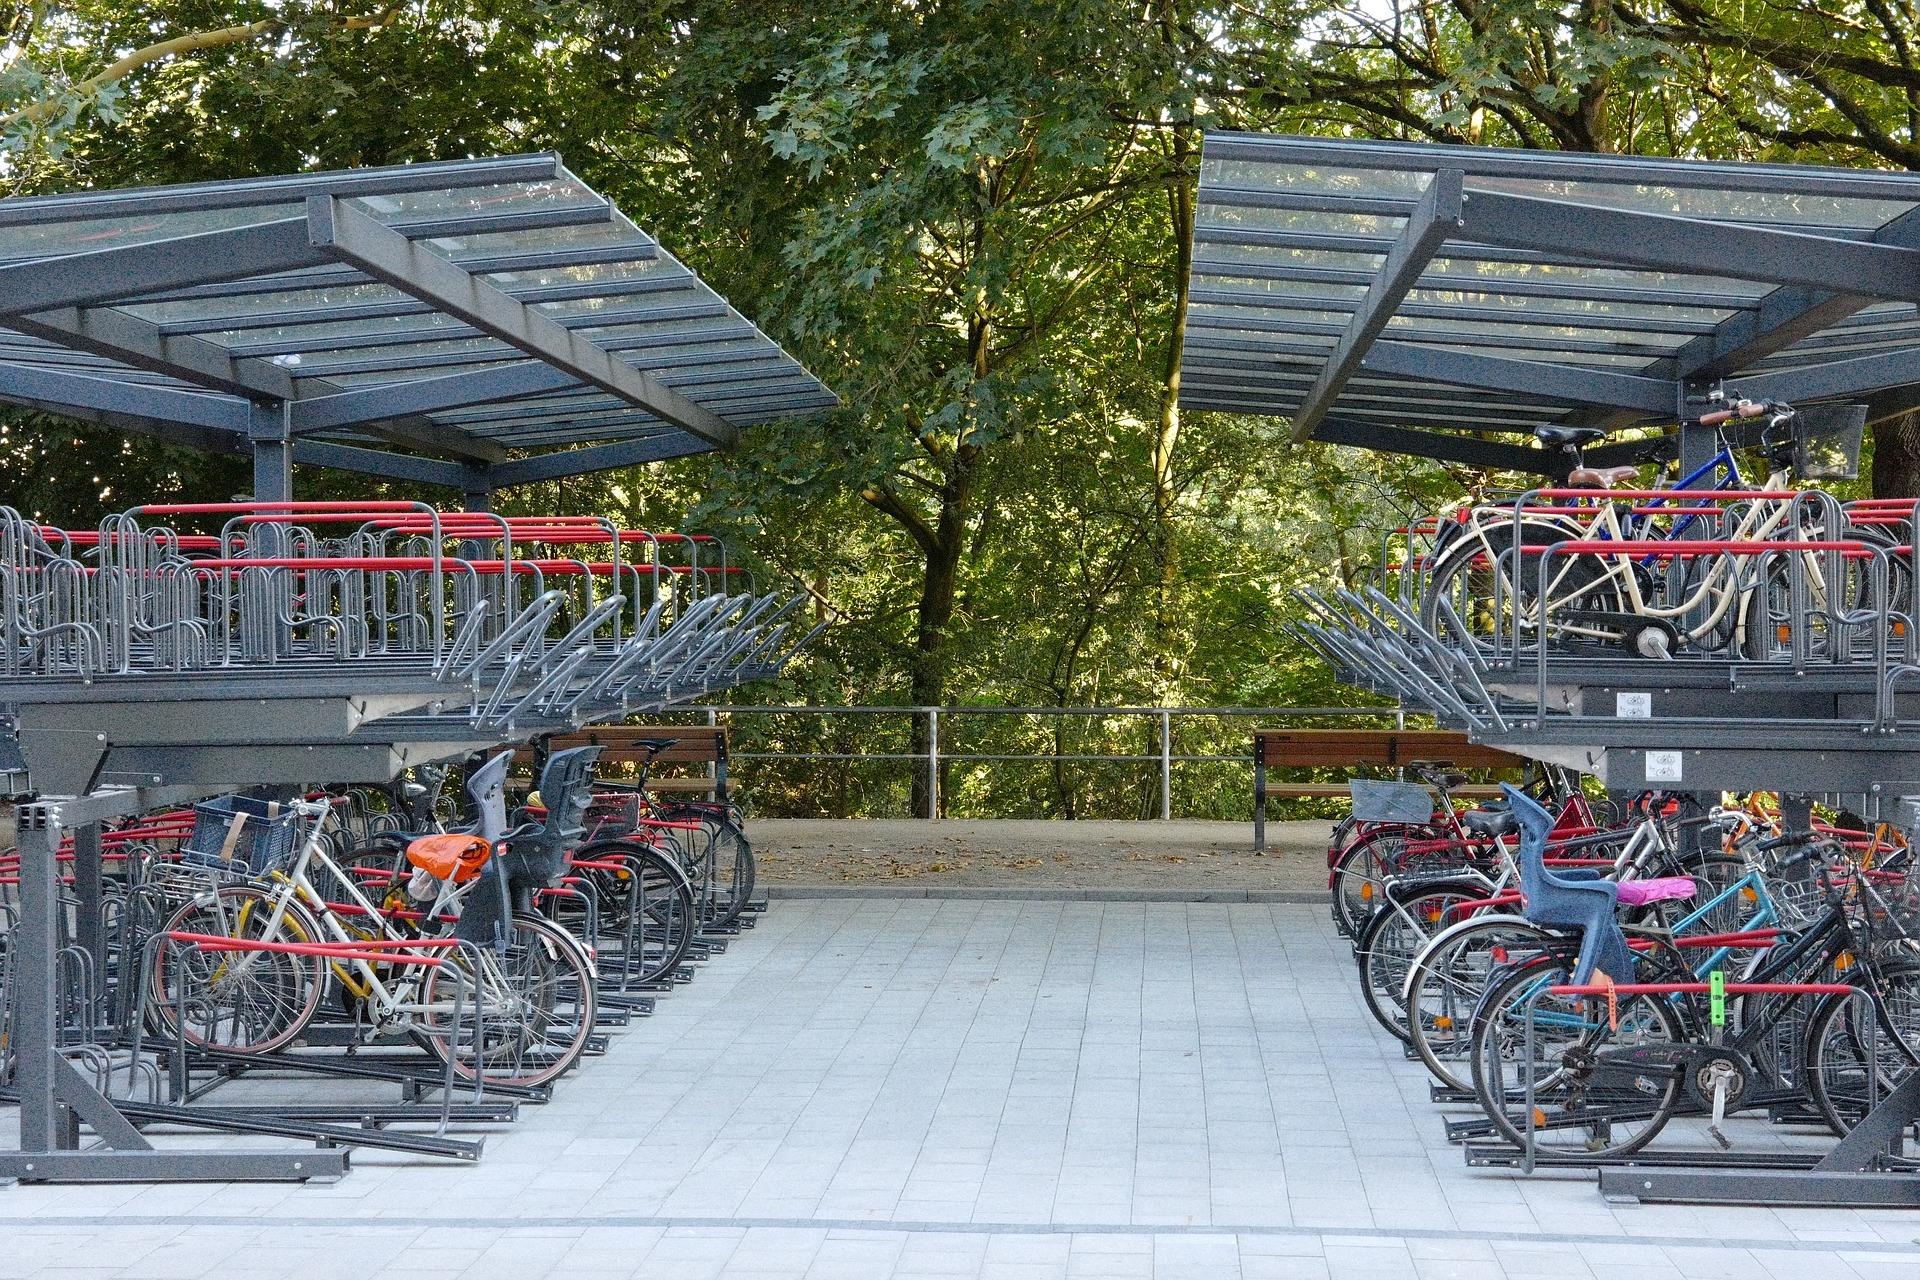 bike-racks-3606342_1920.jpg#asset:632